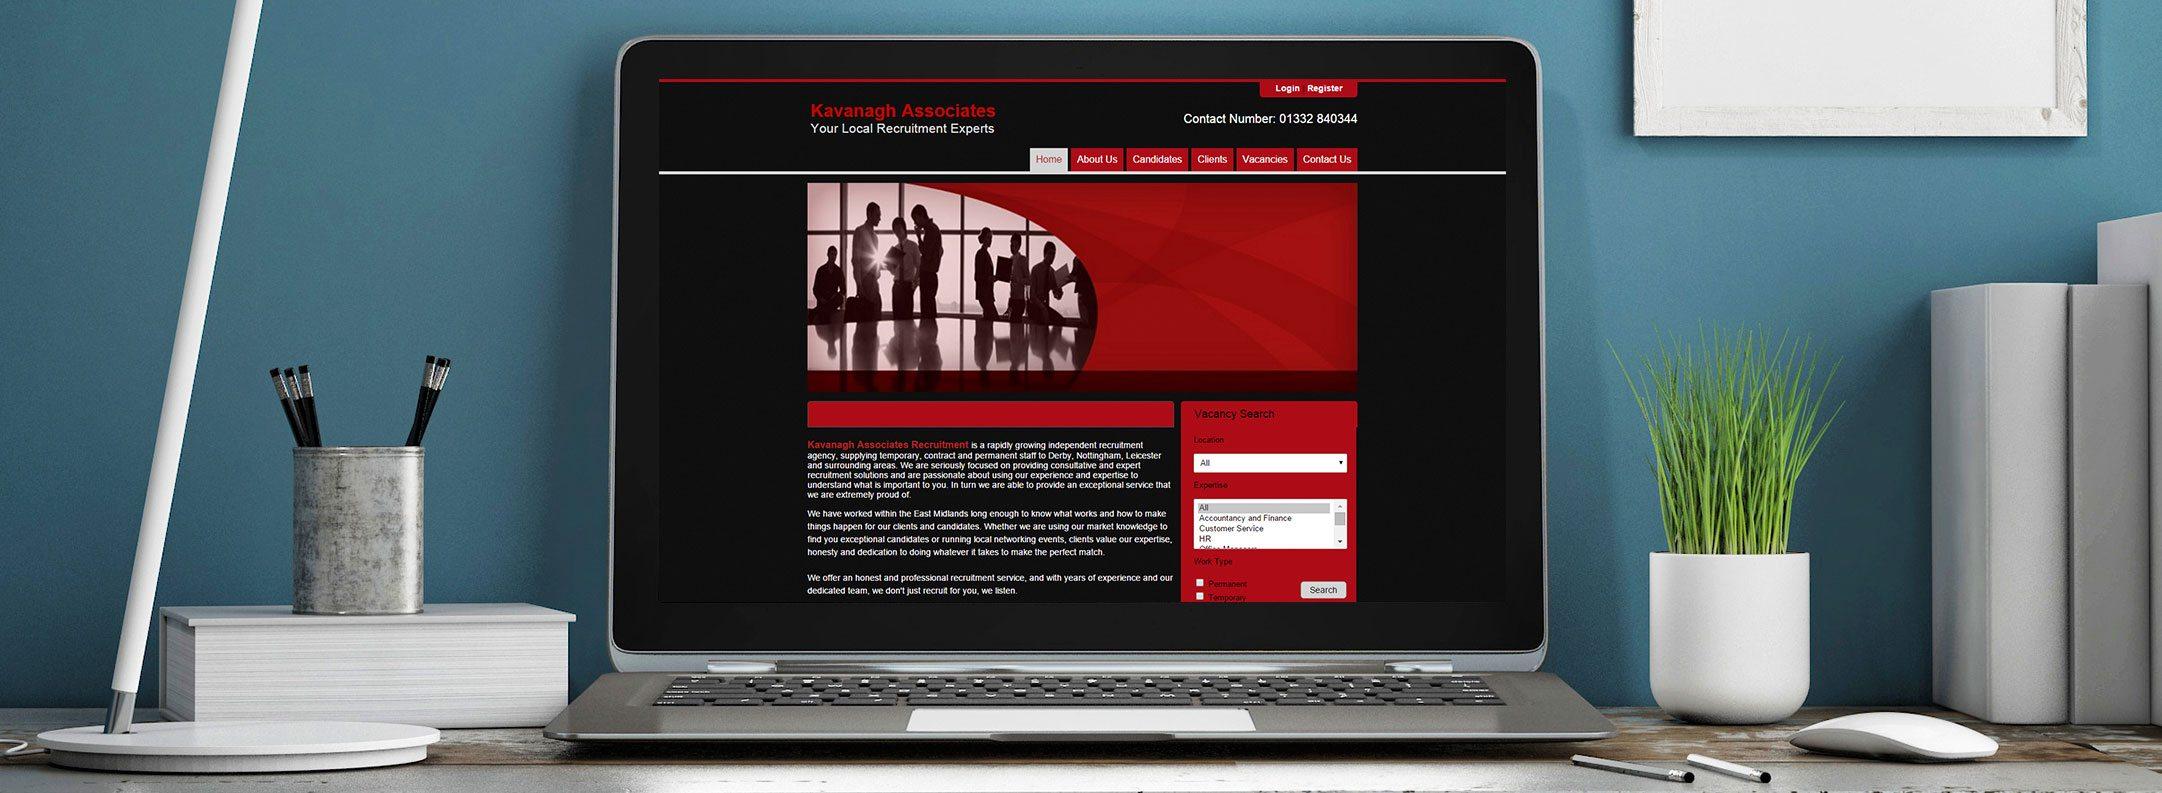 Website-banner-kavanagh